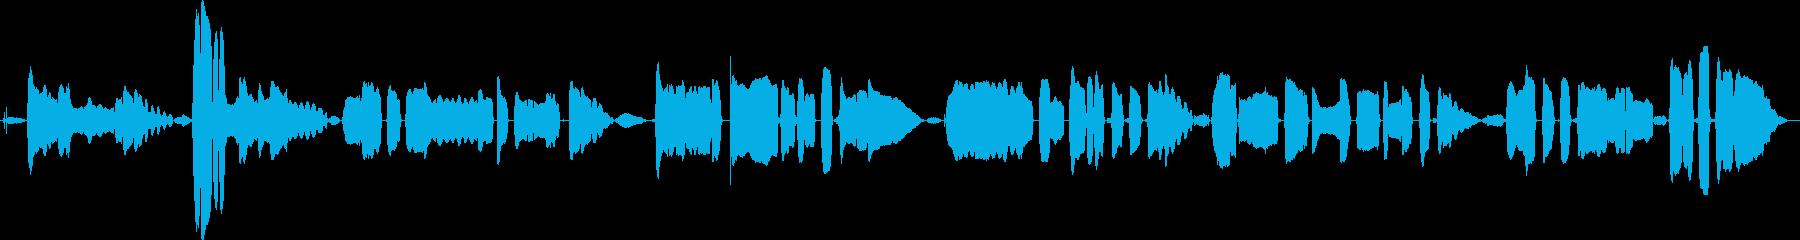 鳴き声 女性歌うジャズインプロロング01の再生済みの波形